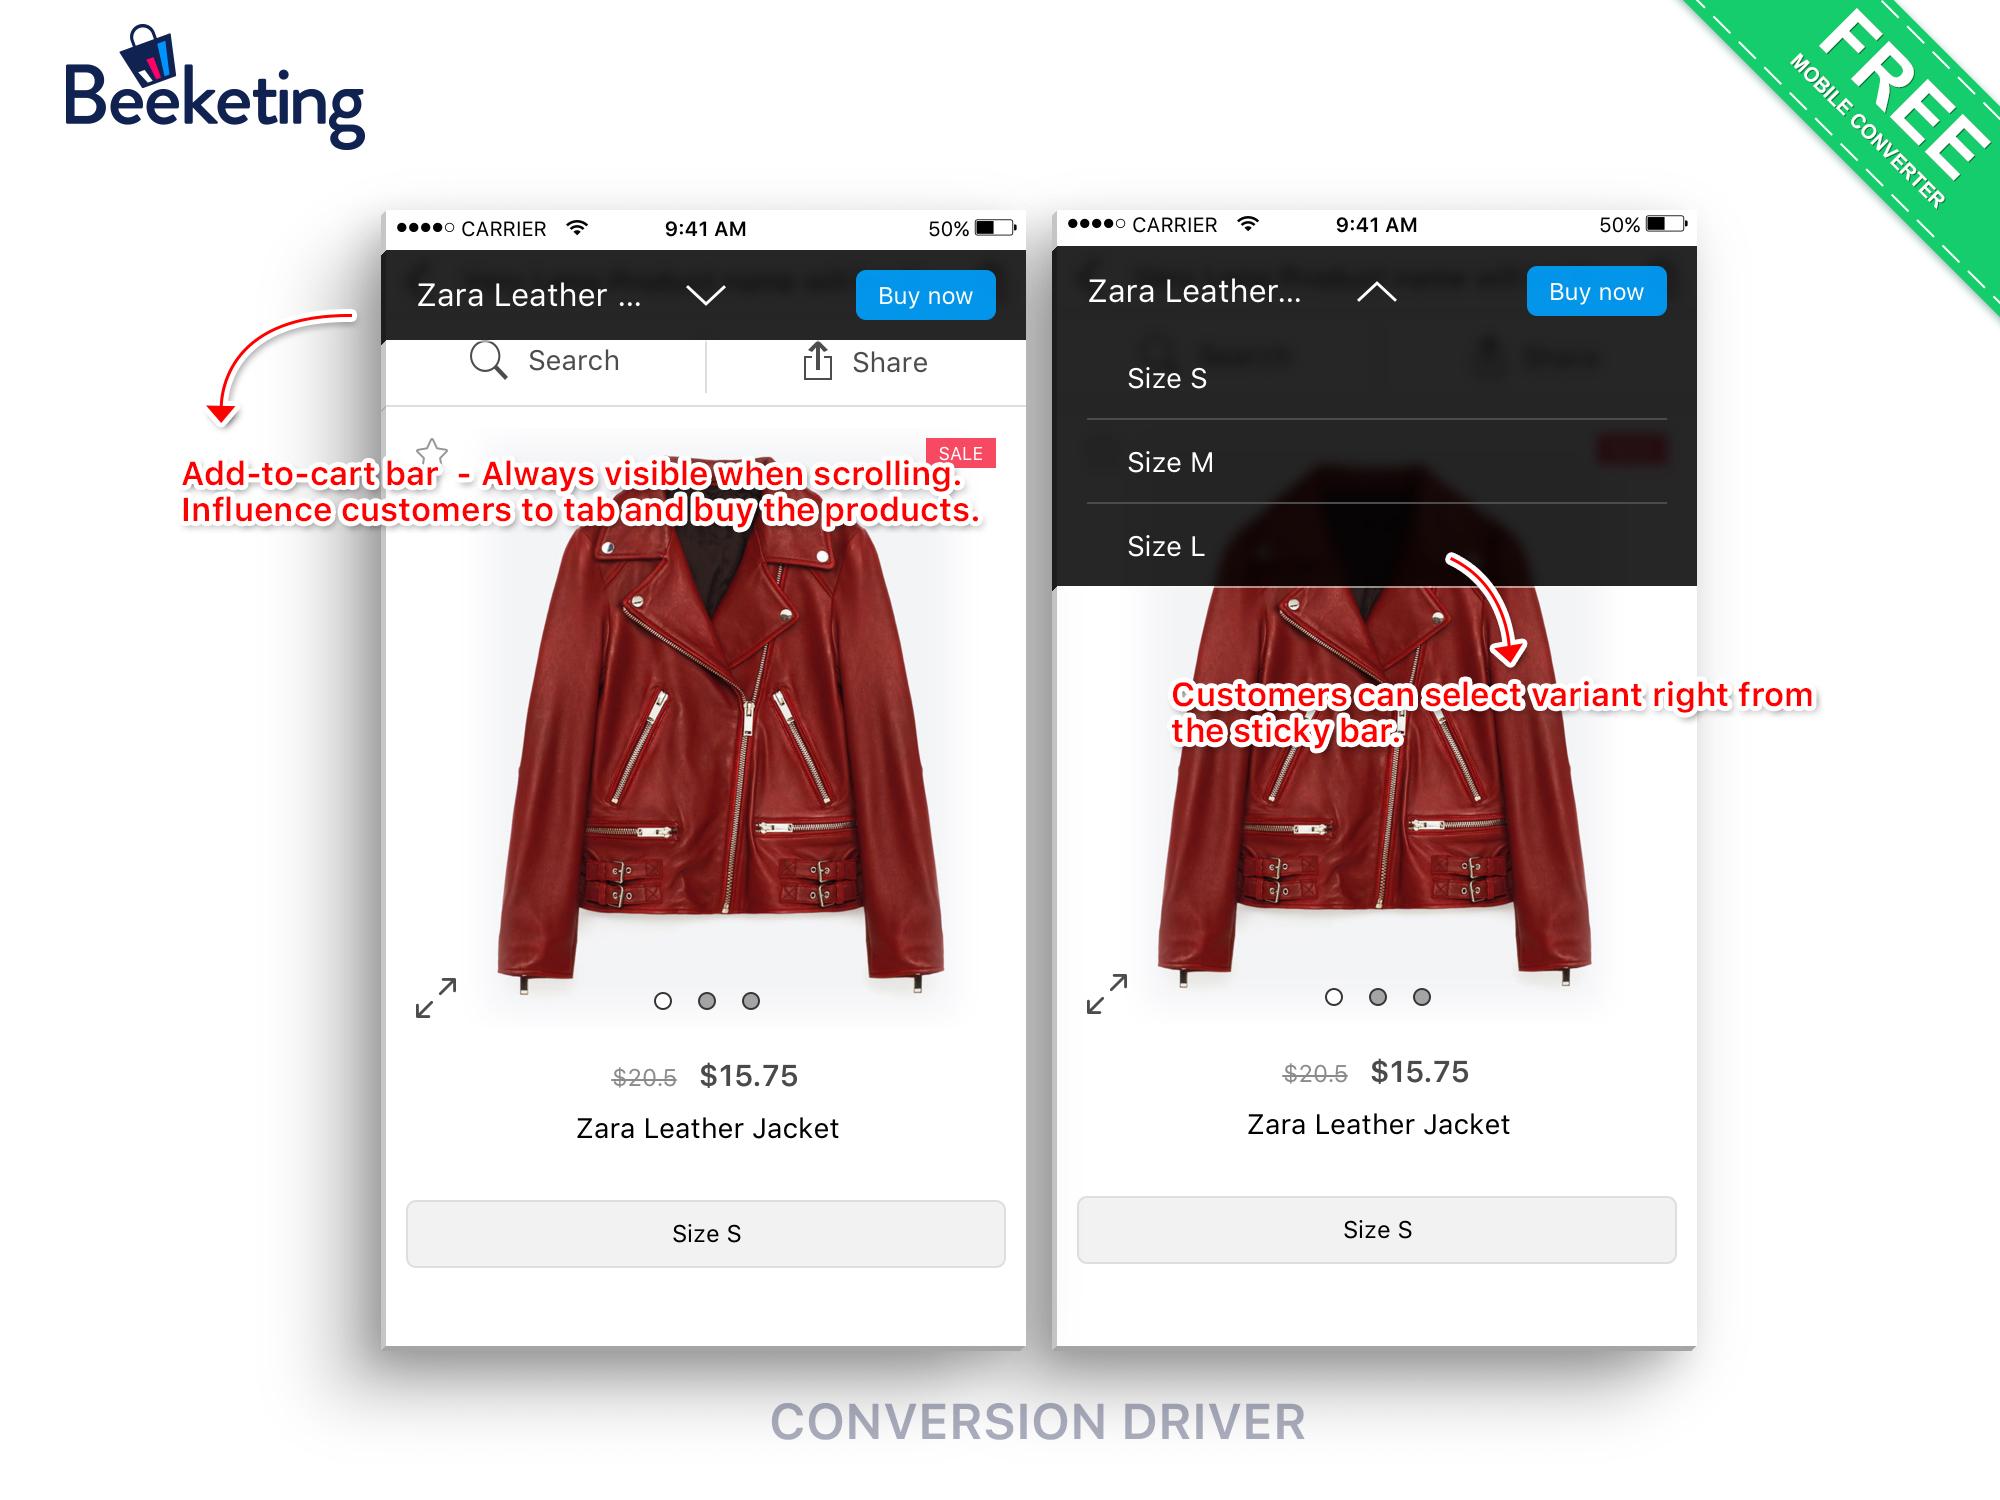 Conversions Driver